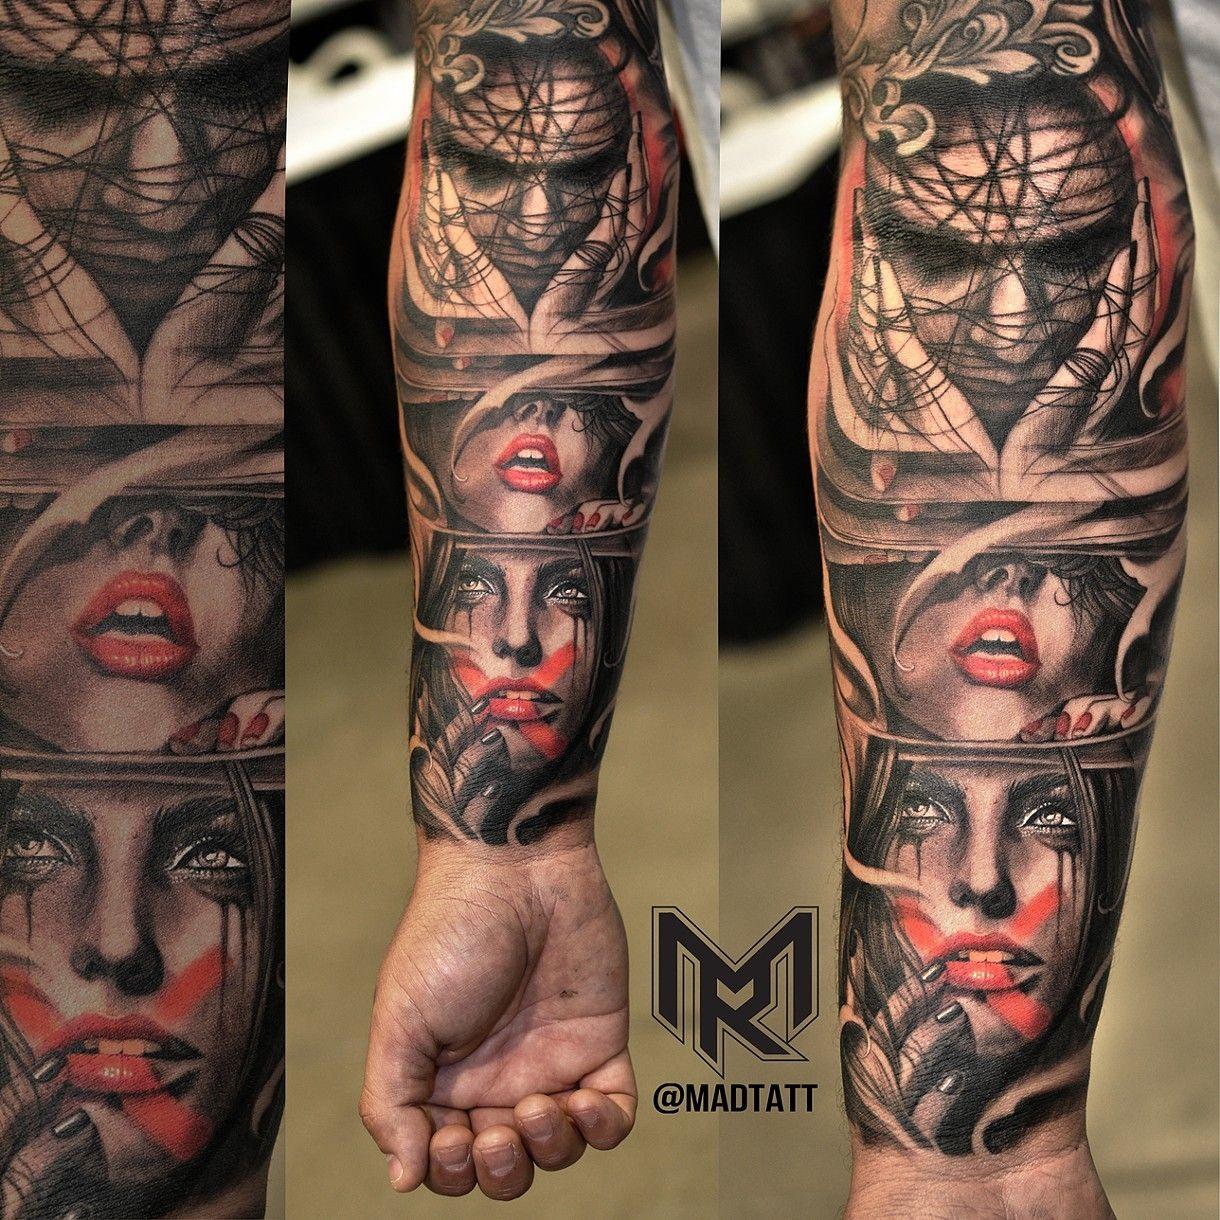 Hear No Evil See No Evil Speak No Evil Evil Tattoos Monkey Tattoos Realistic Tattoo Sleeve